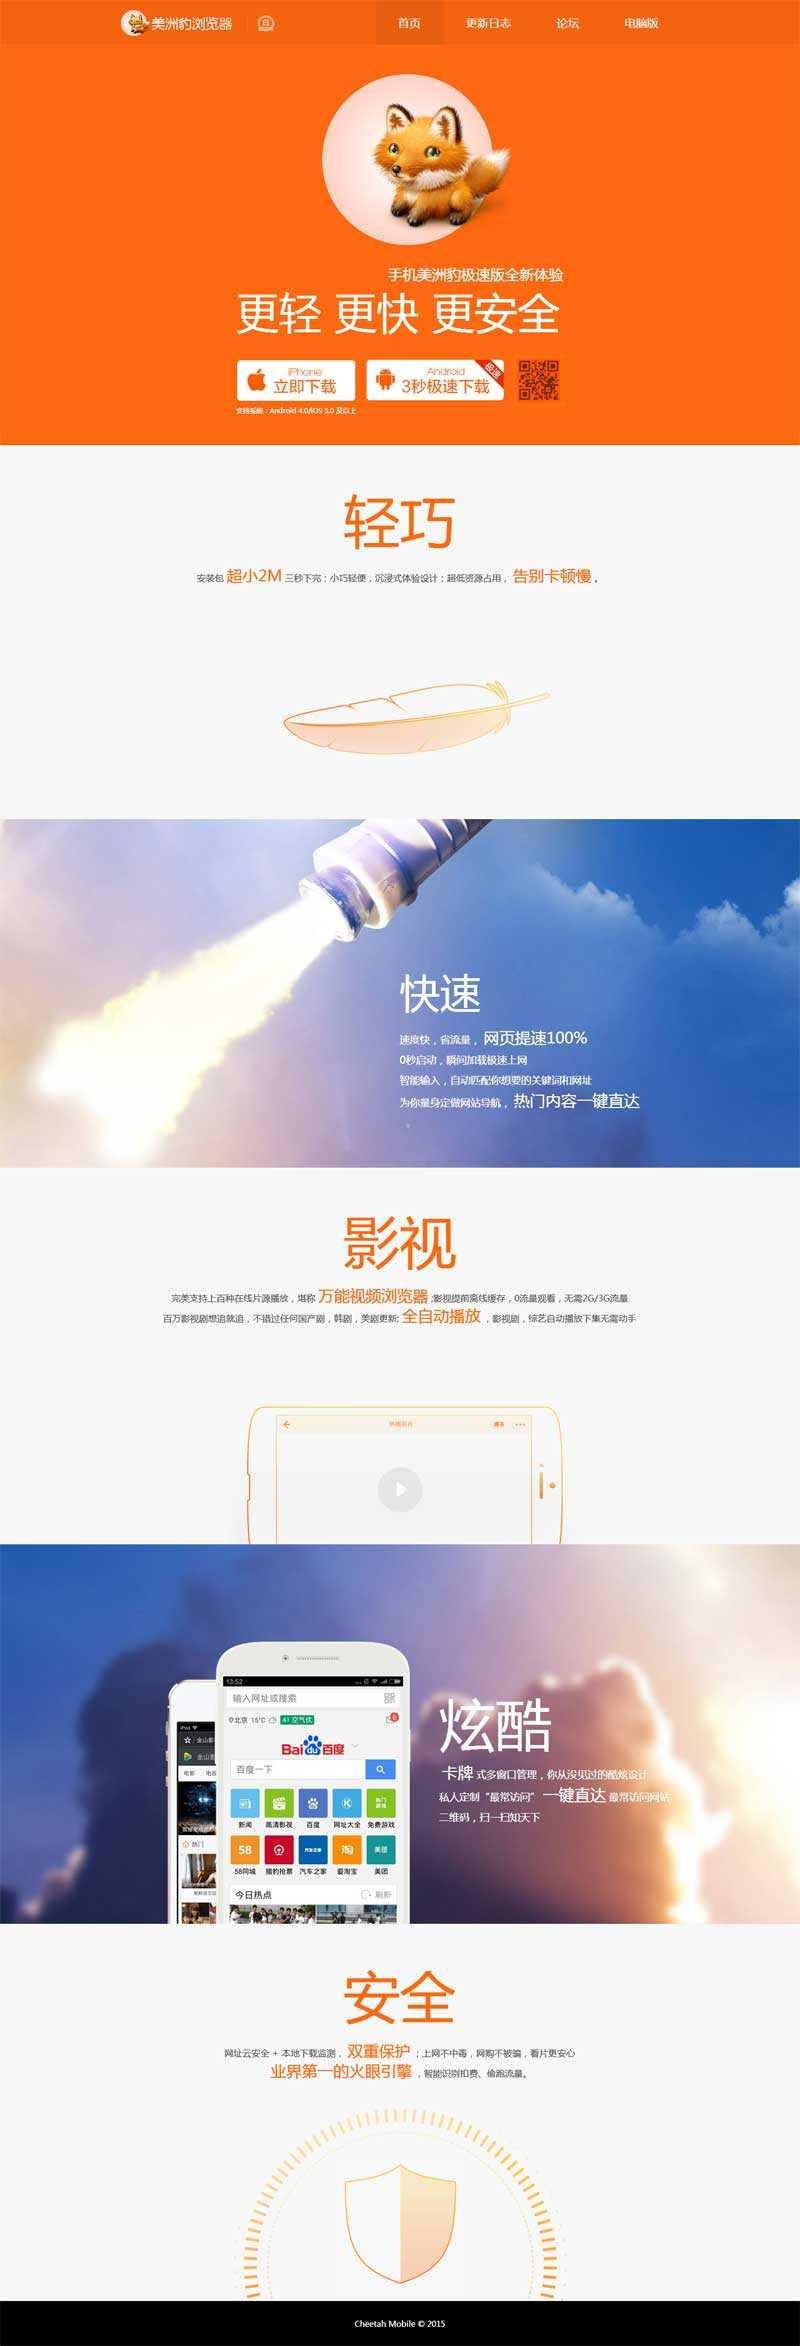 橙色的手机浏览器app官网下载模板